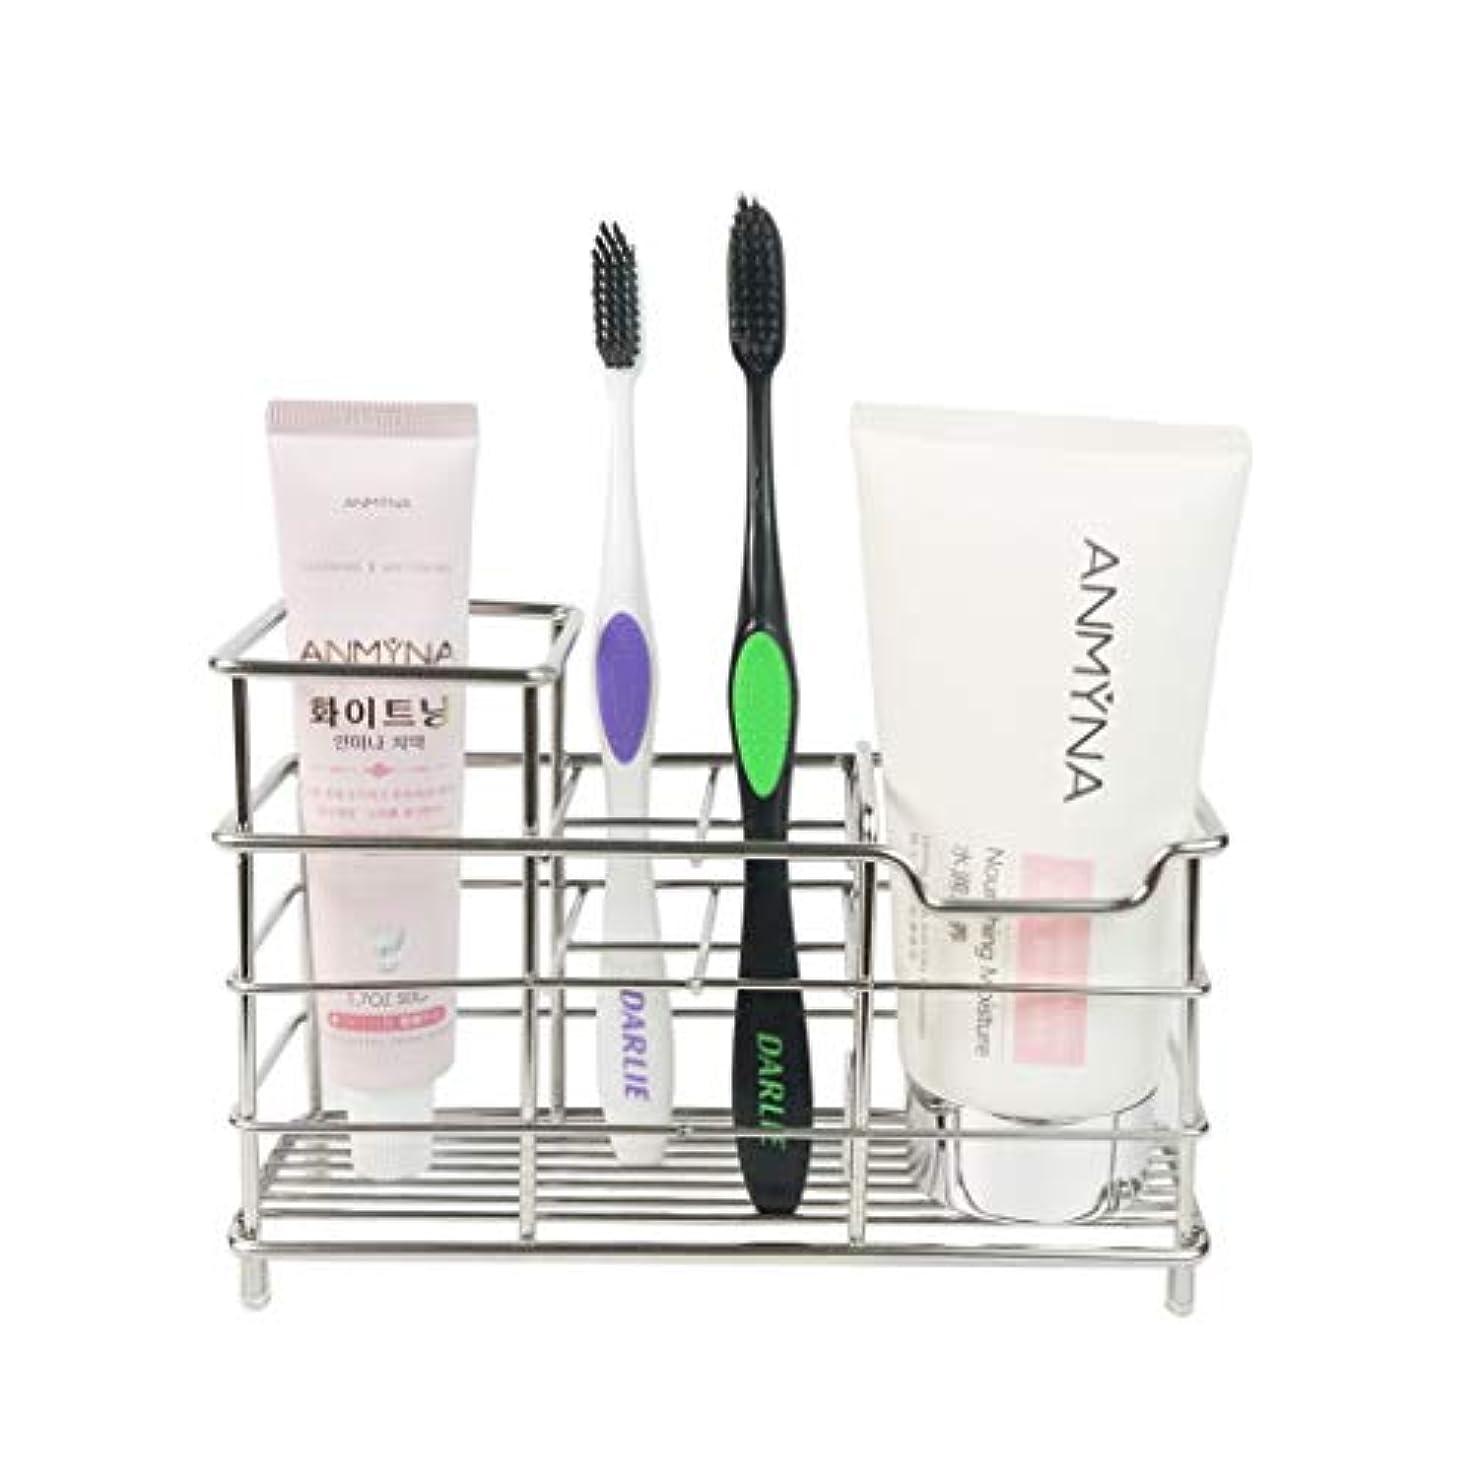 アームストロング囲むパネルKeonjinn 歯ブラシスタンド 置き型 電動歯ブラシ置き 防錆、大容量 304ステンレス製 洗面所 収納 (サイズ A)